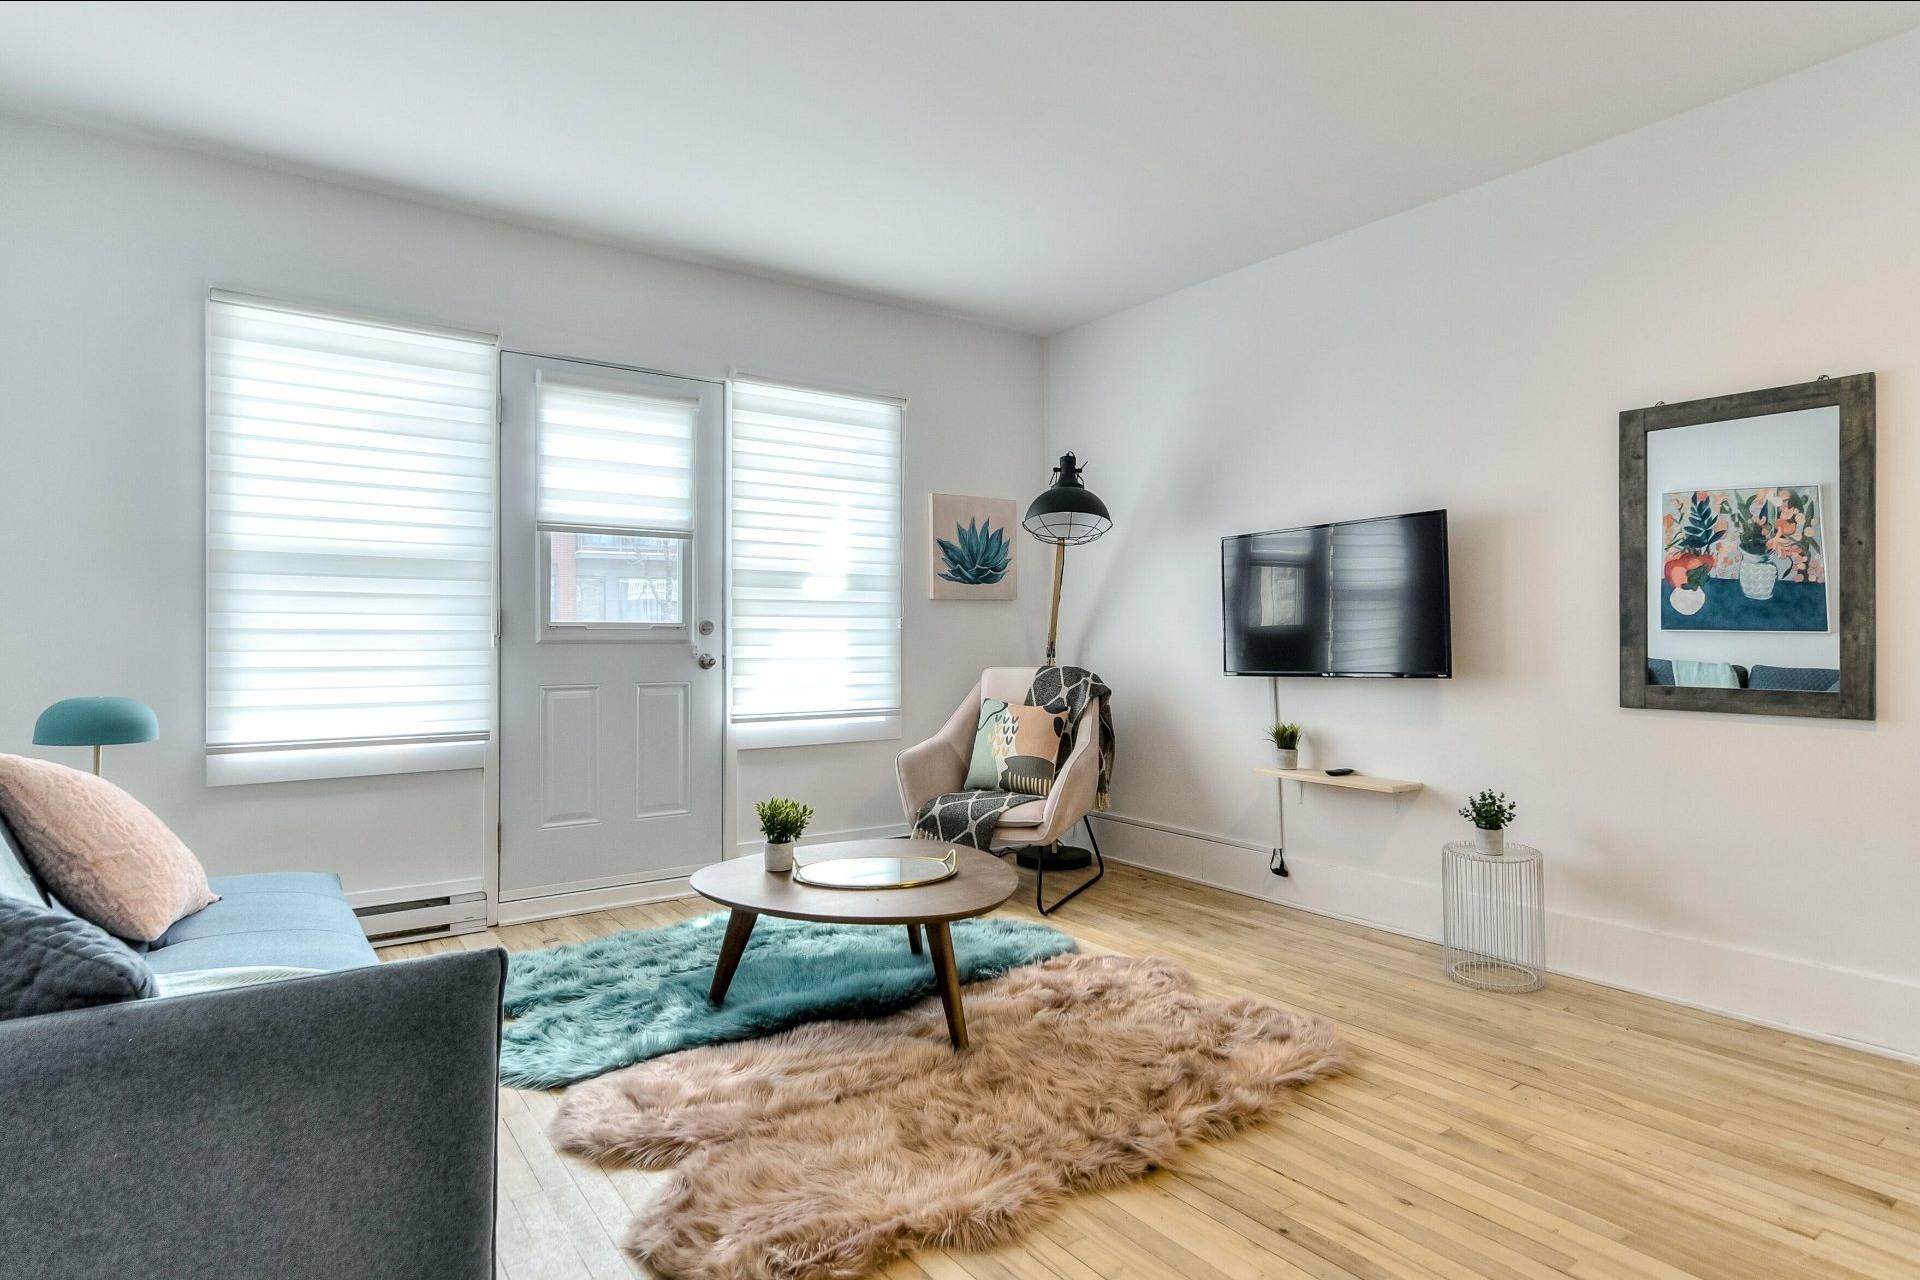 image 17 - Immeuble à revenus À vendre Montréal Villeray/Saint-Michel/Parc-Extension  - 3 pièces